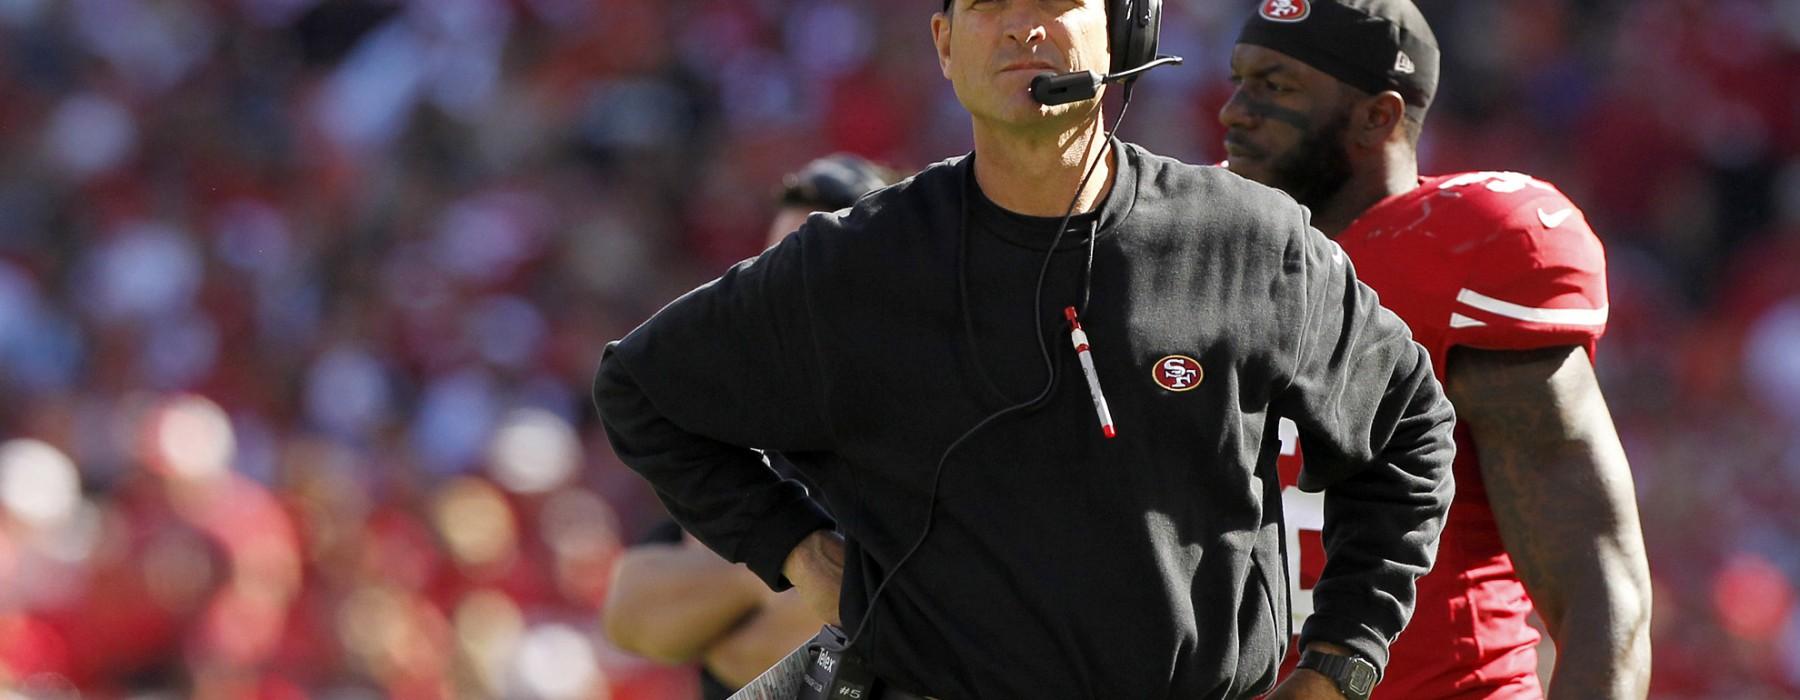 NFL: Indianapolis Colts at San Francisco 49ers